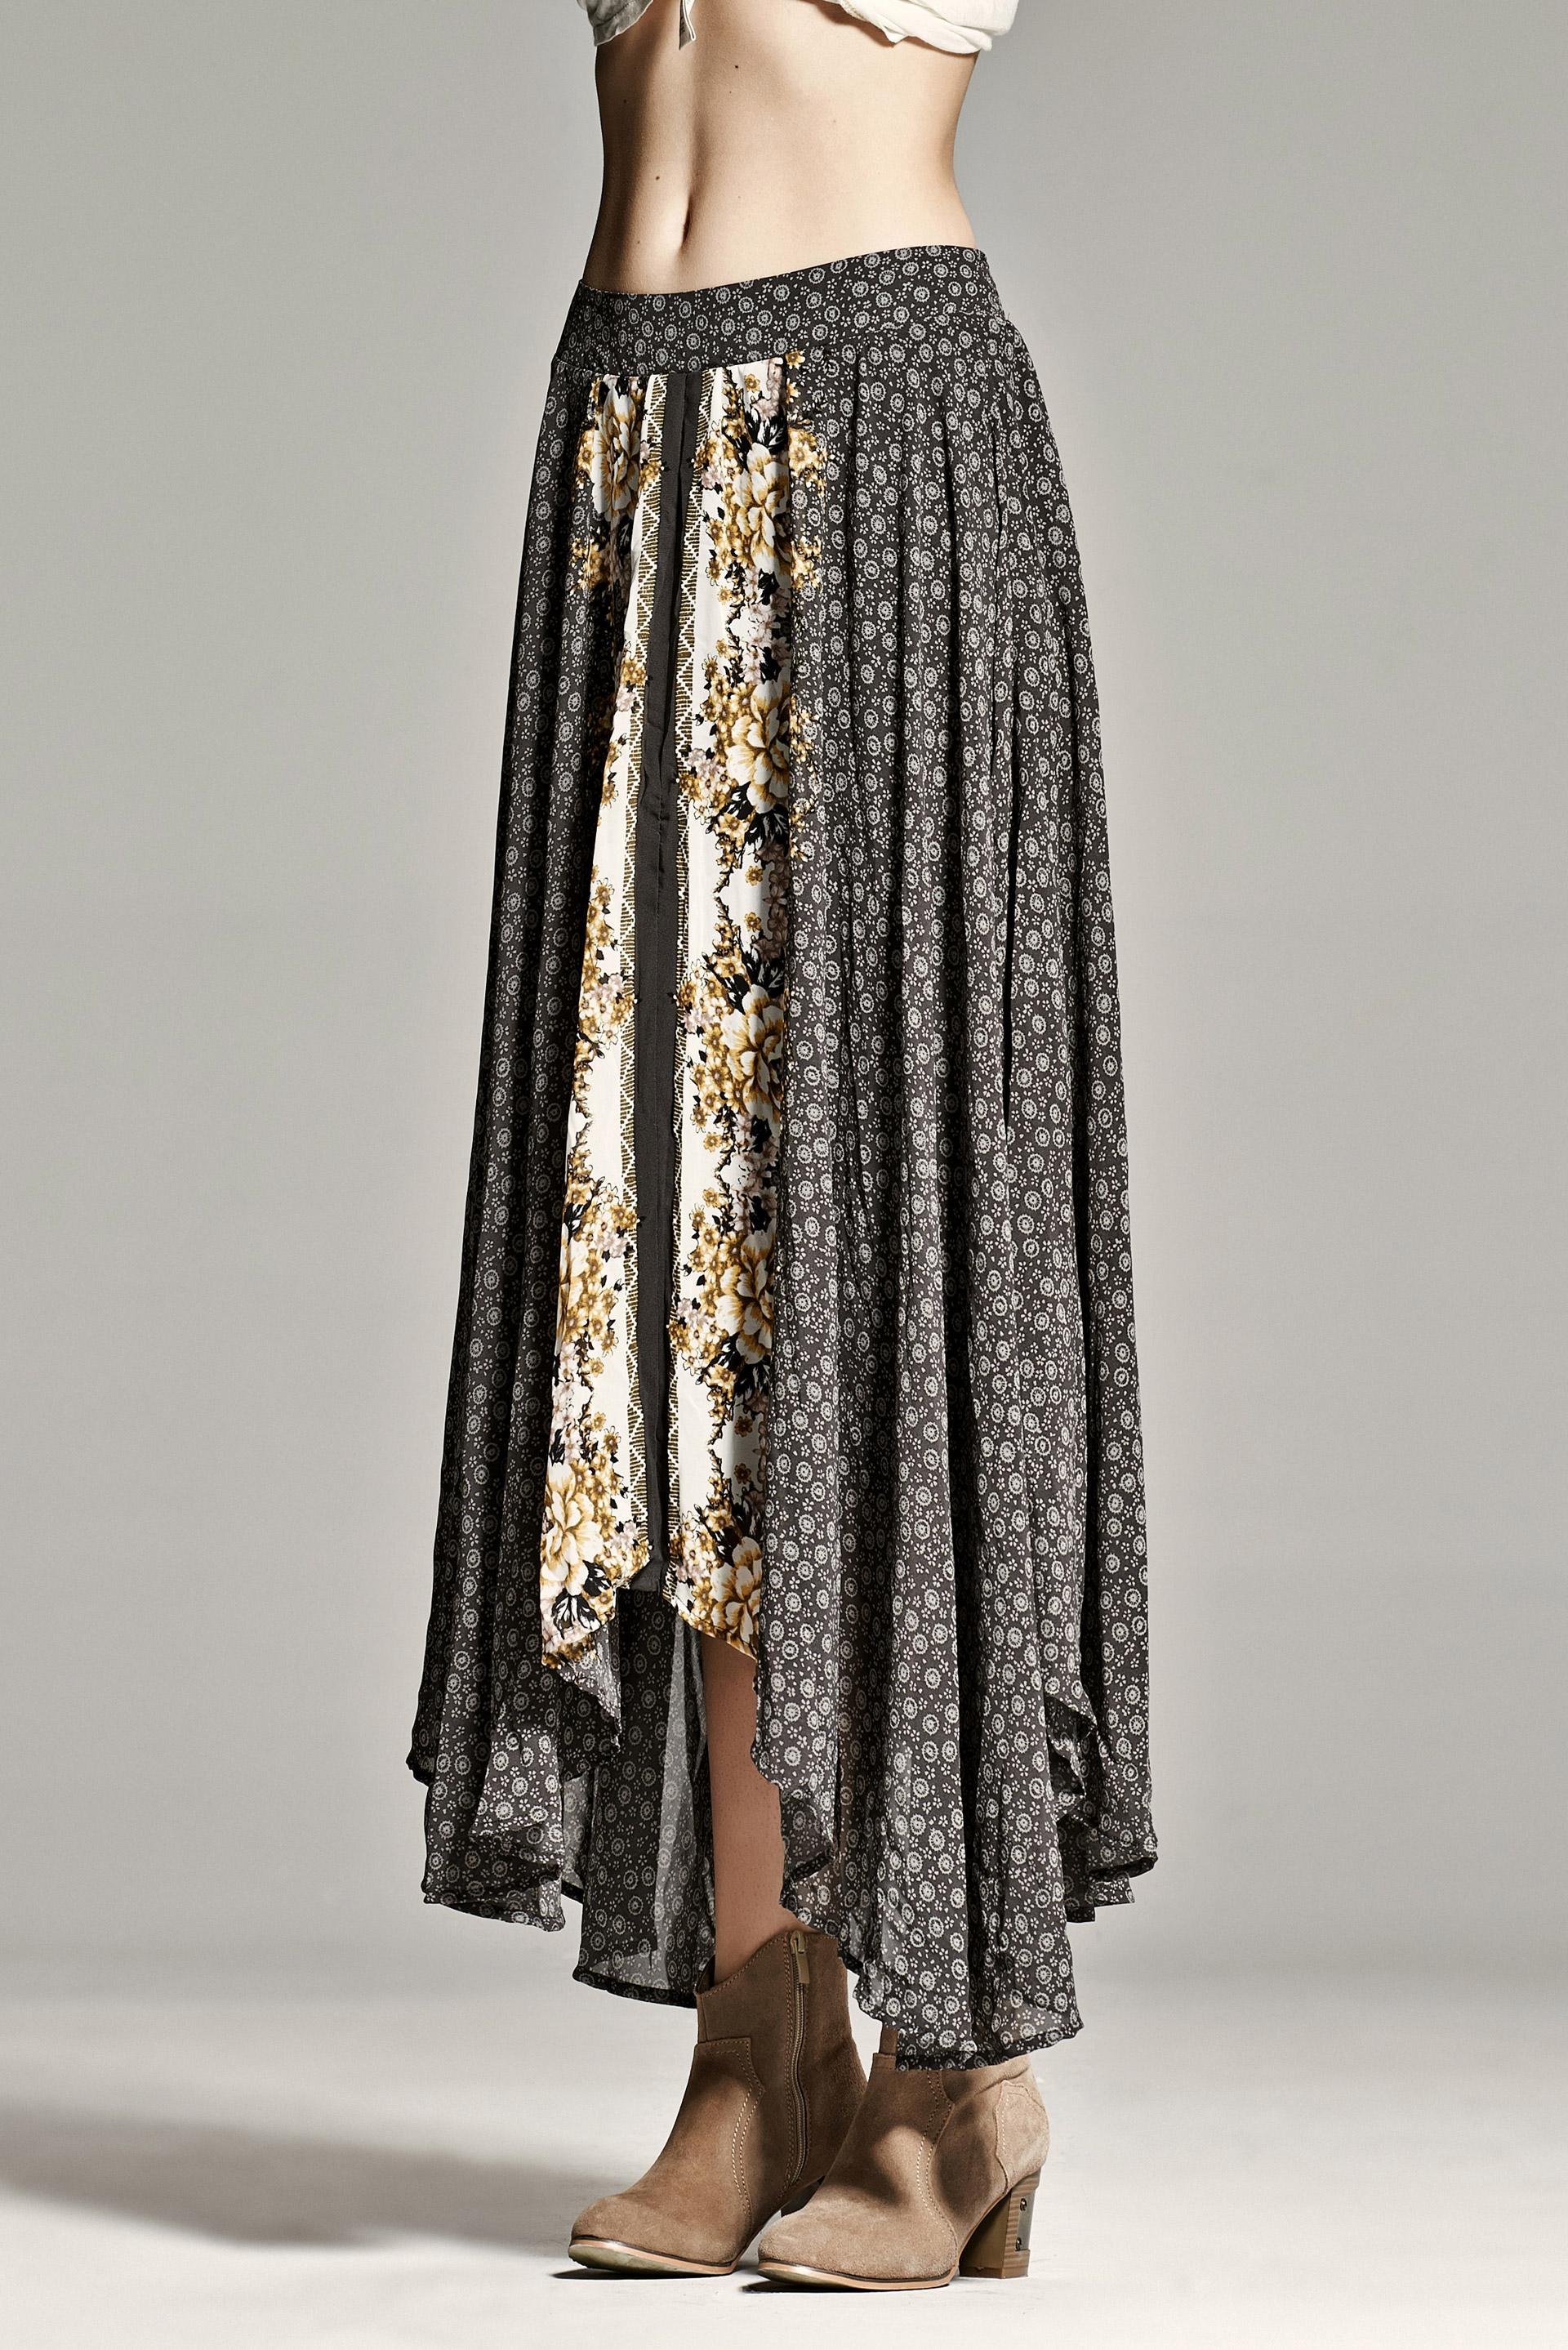 黑白拼接半身裙